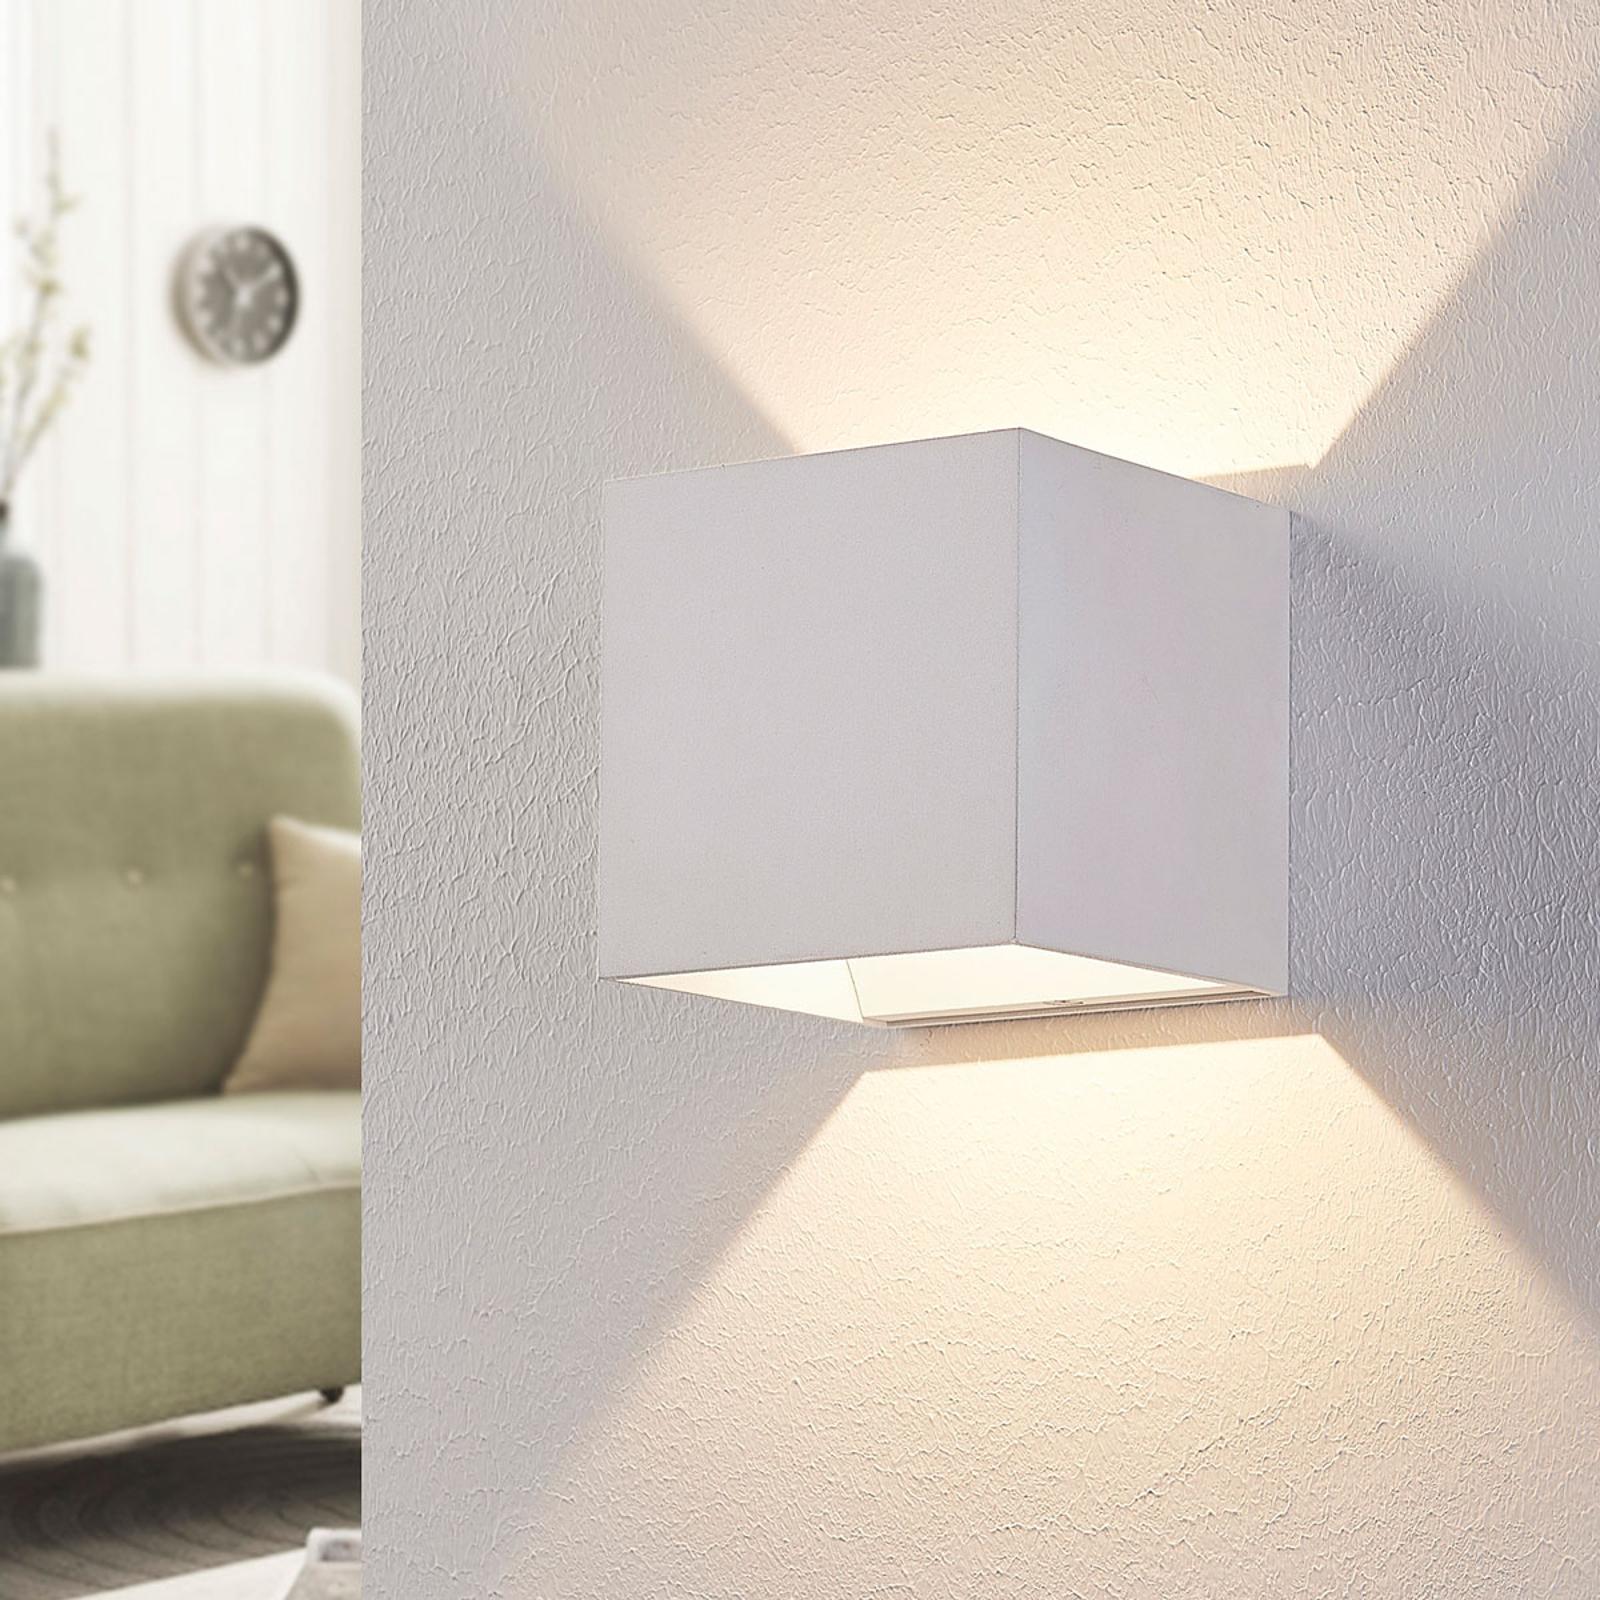 Valkoinen LED-seinävalaisin Esma, kuutiomainen